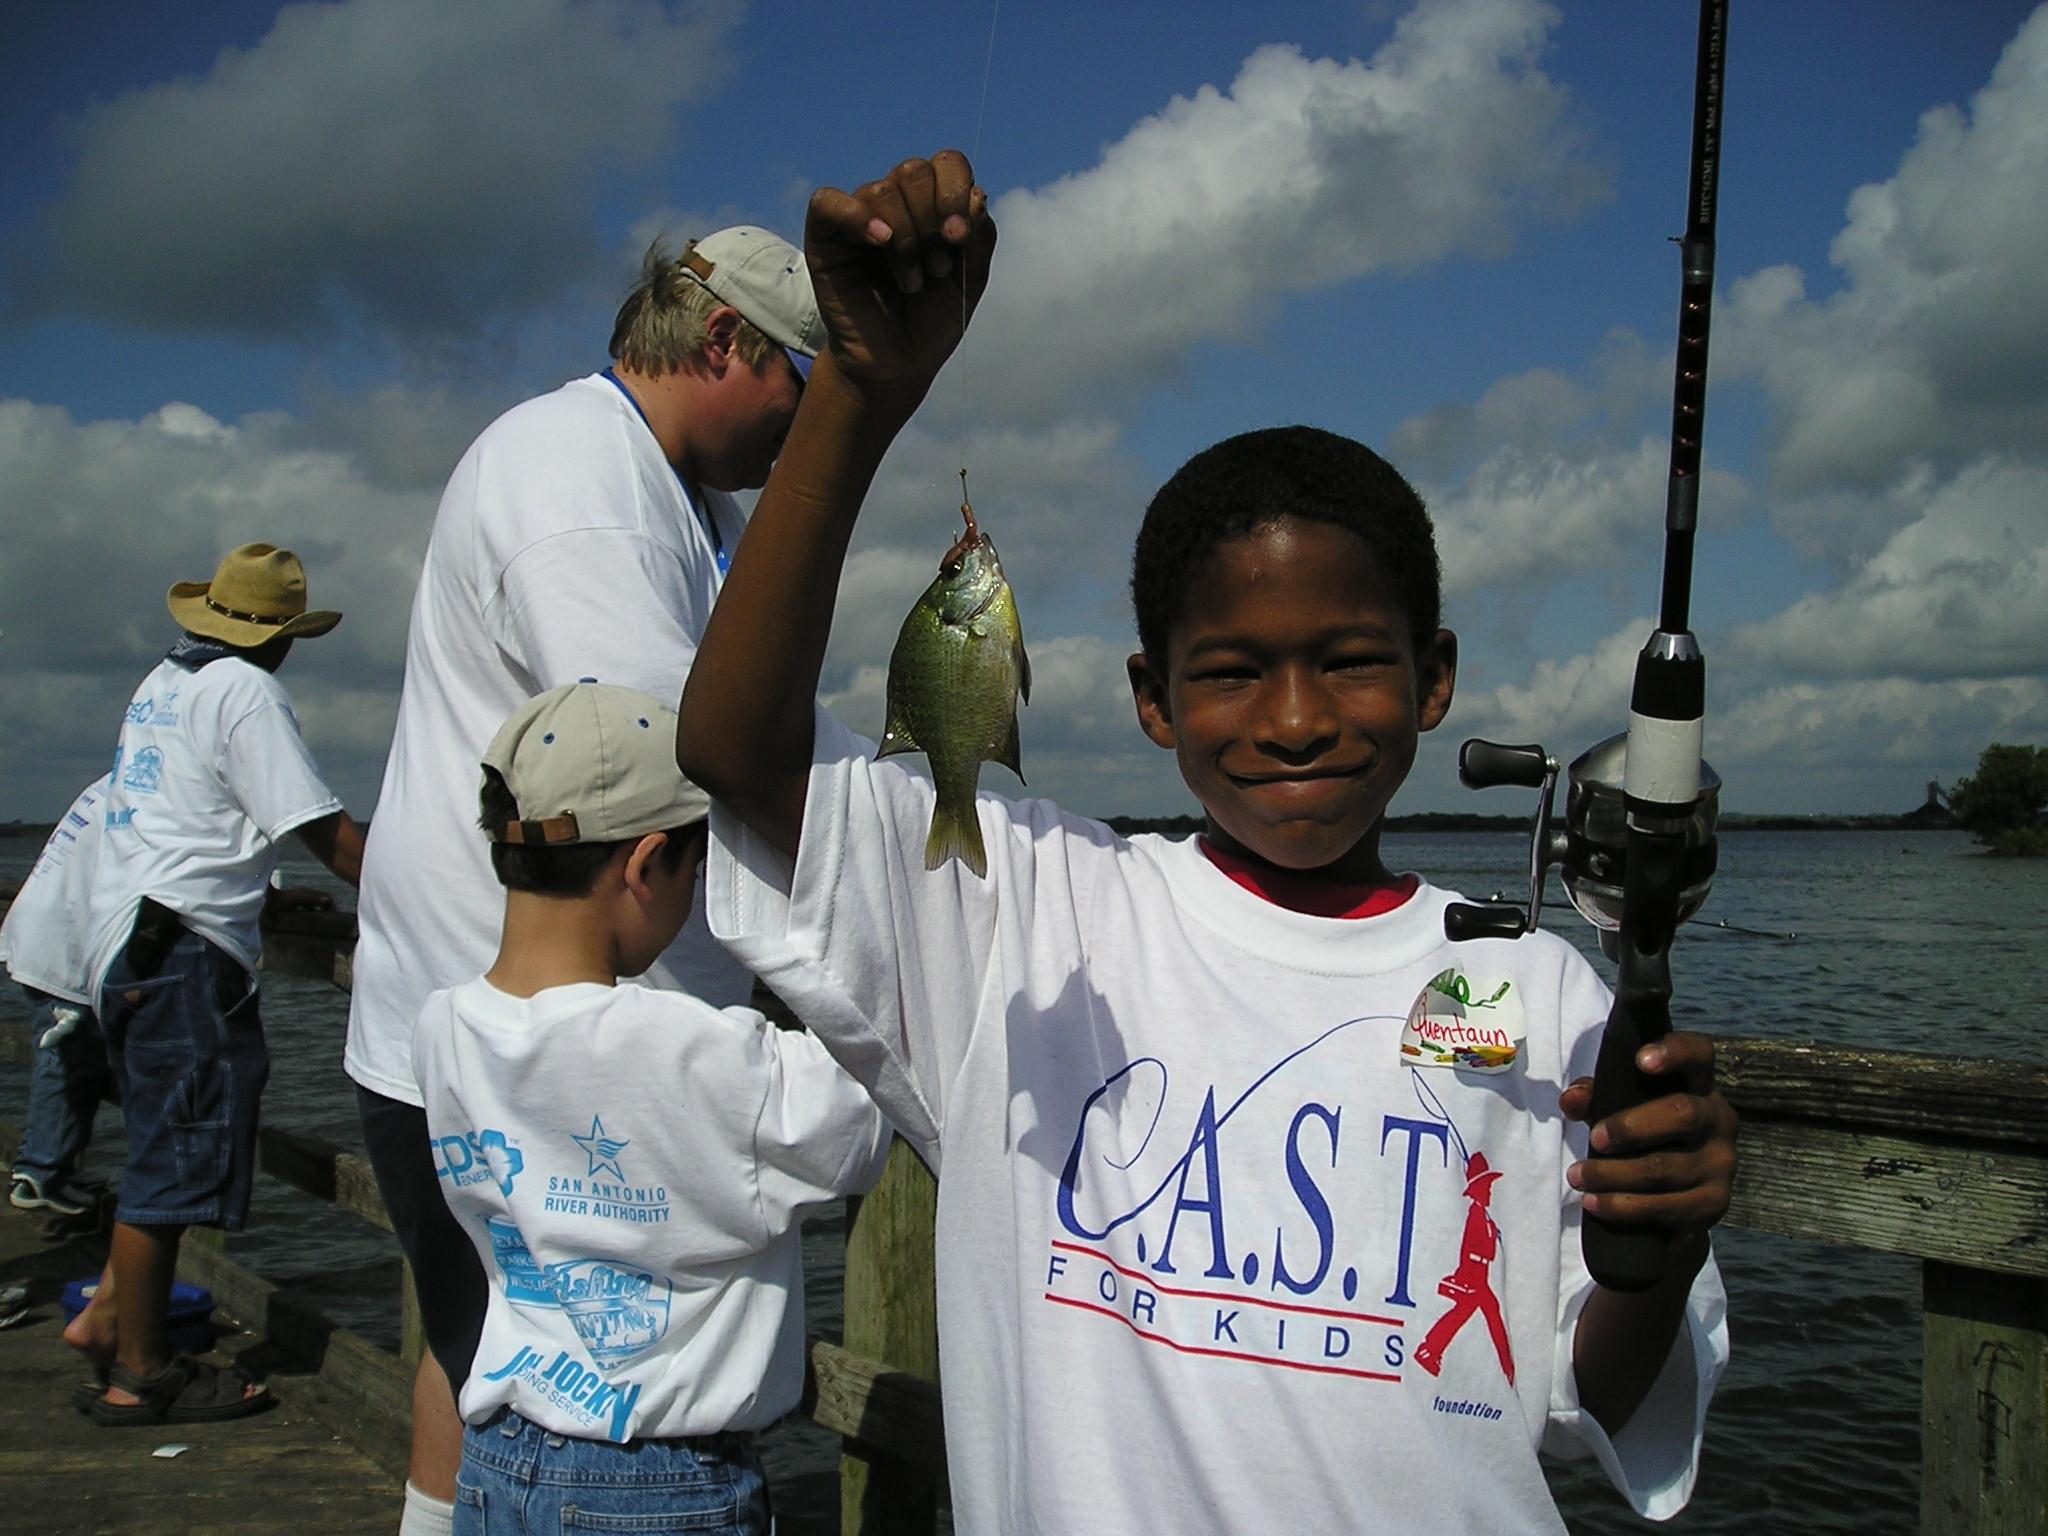 Calaveras Lake C.A.S.T. for Kids Presented By Texas Farm Bureau Insurance